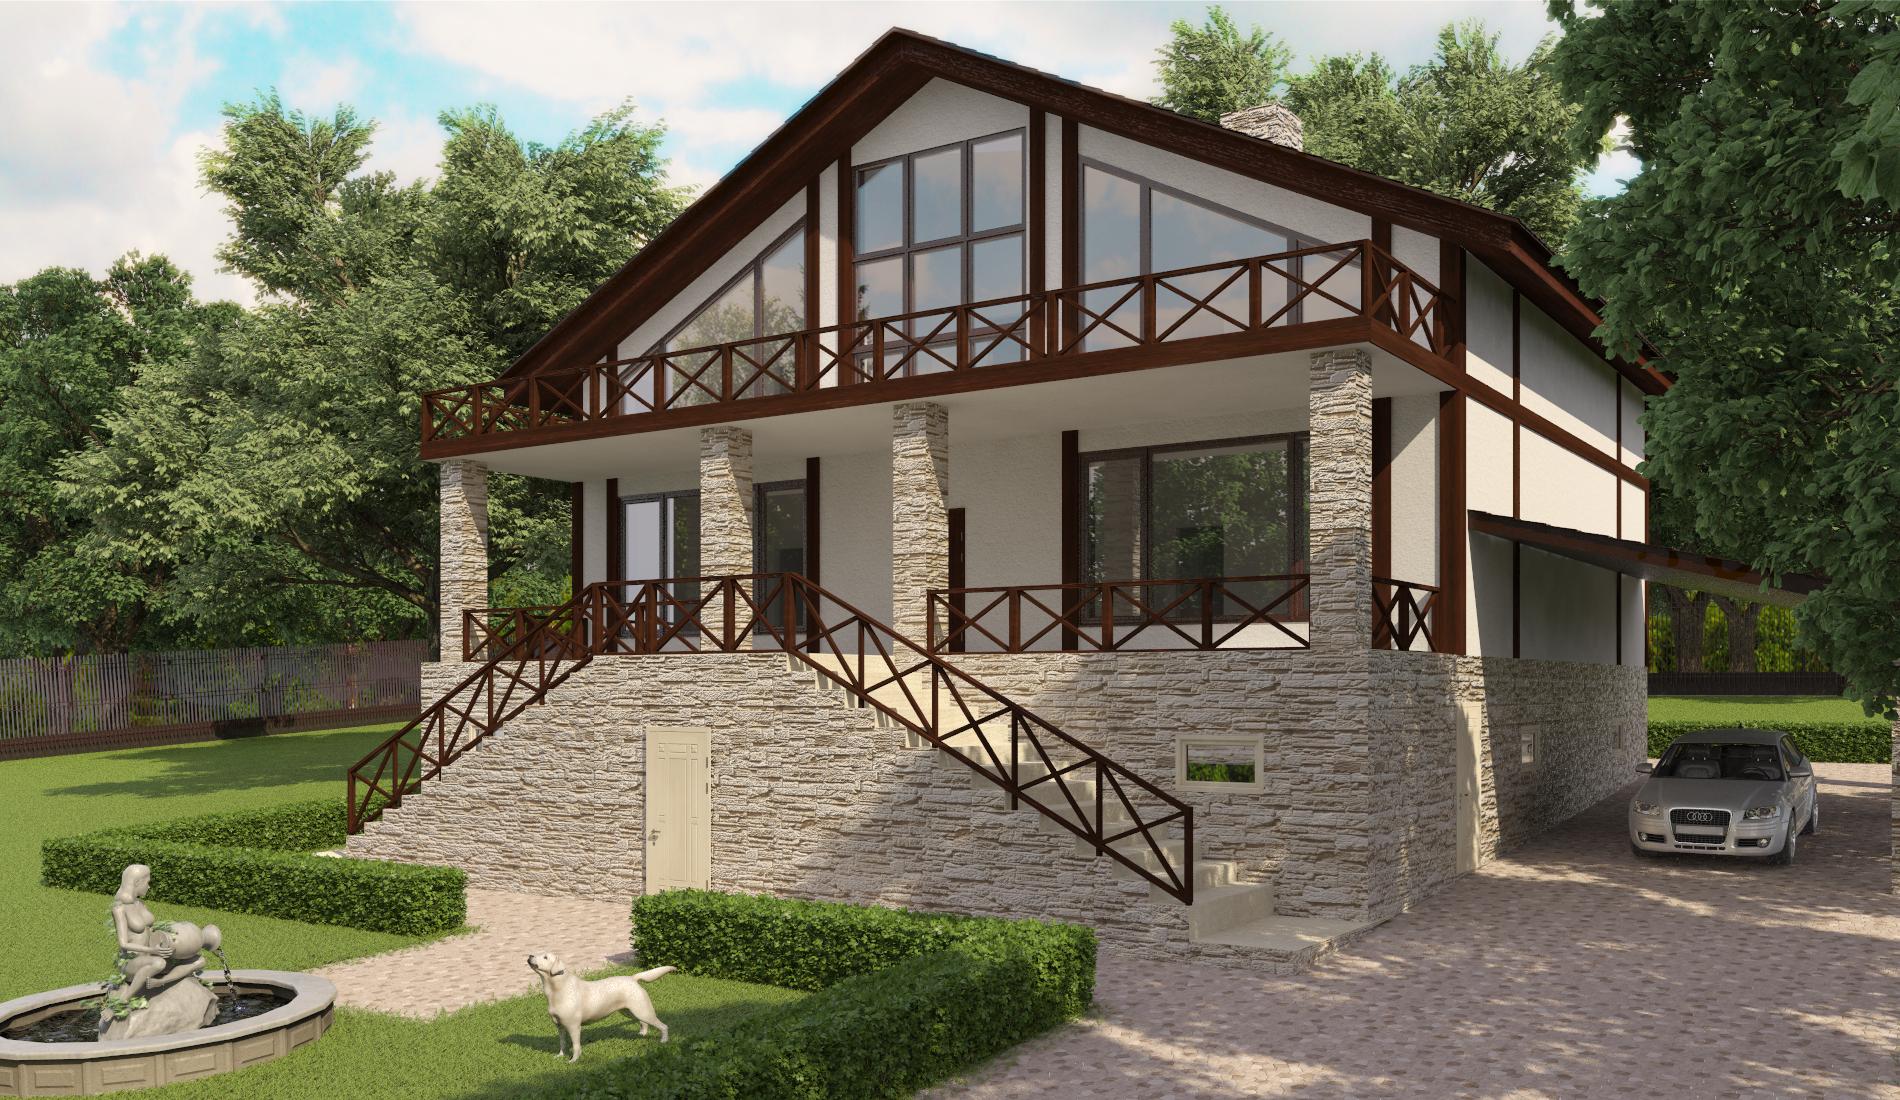 дизайн интерьера деревянного дома (5)